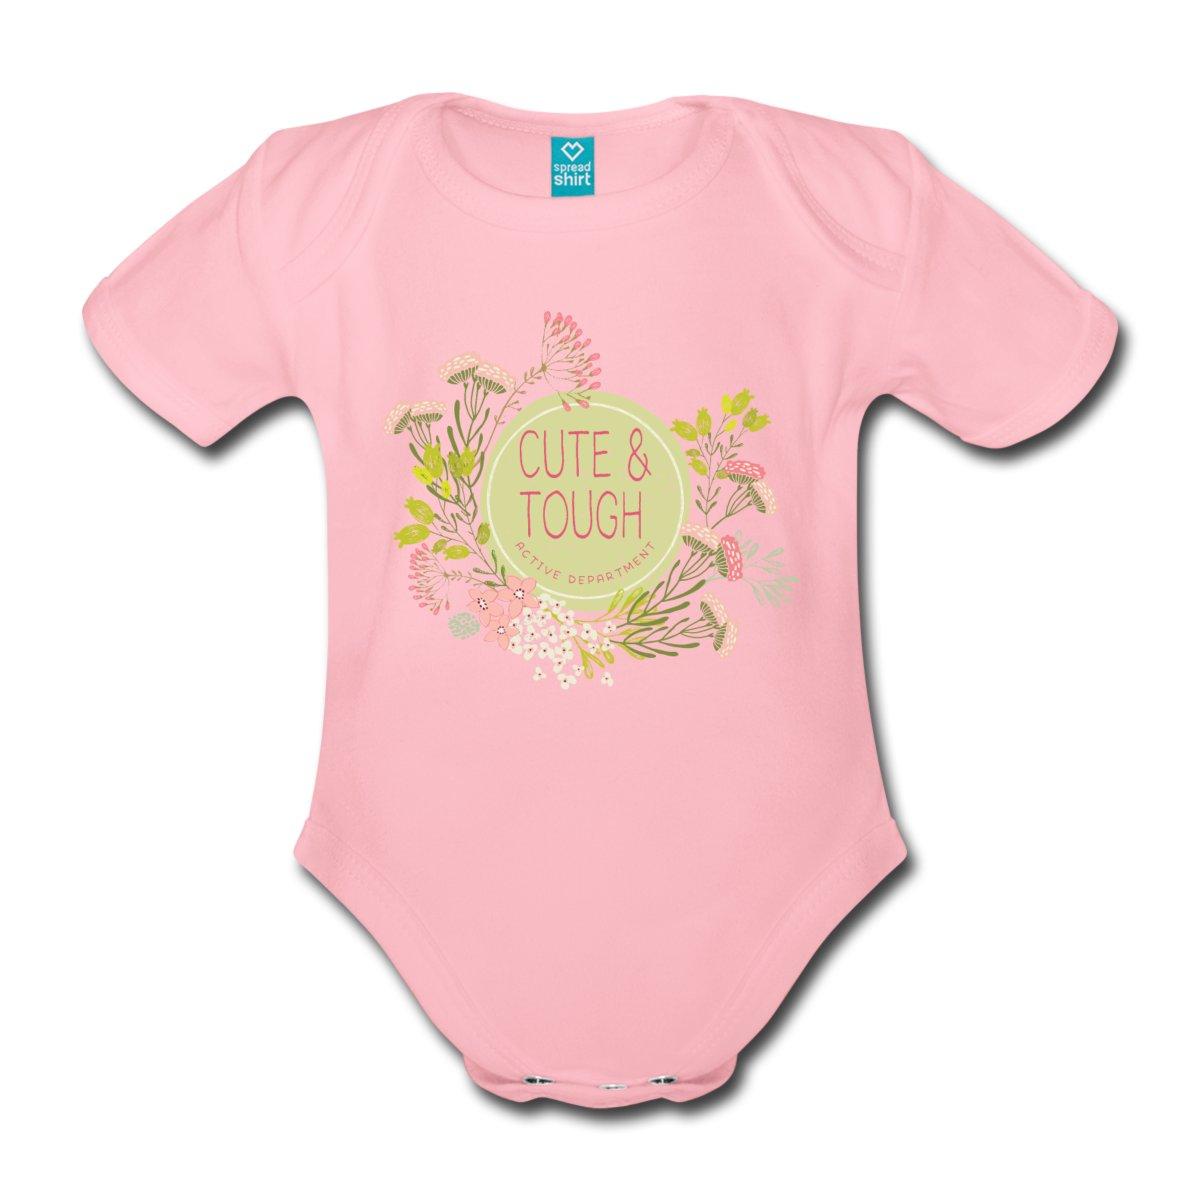 En härlig babybody i ekologisk bomull som finns i stl. 56-86/92. Veckade axelsömmar som bekvämt kan utvidgas när den tas på och av.